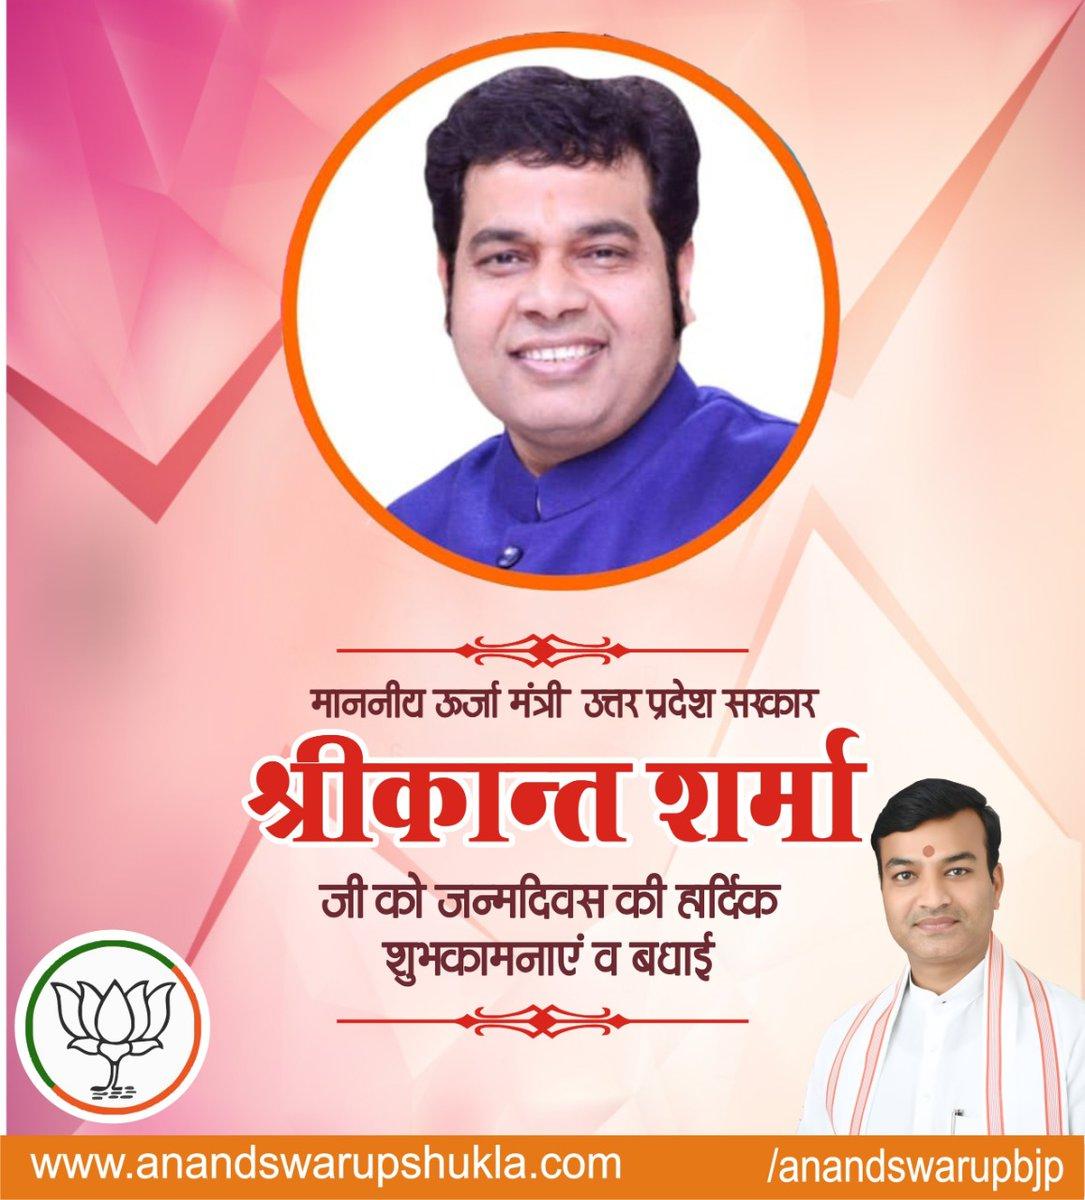 जन्मदिवस की हार्दिक शुभकामनाएं व बधाई @ptshrikant https://t.co/KWUKL8pE15